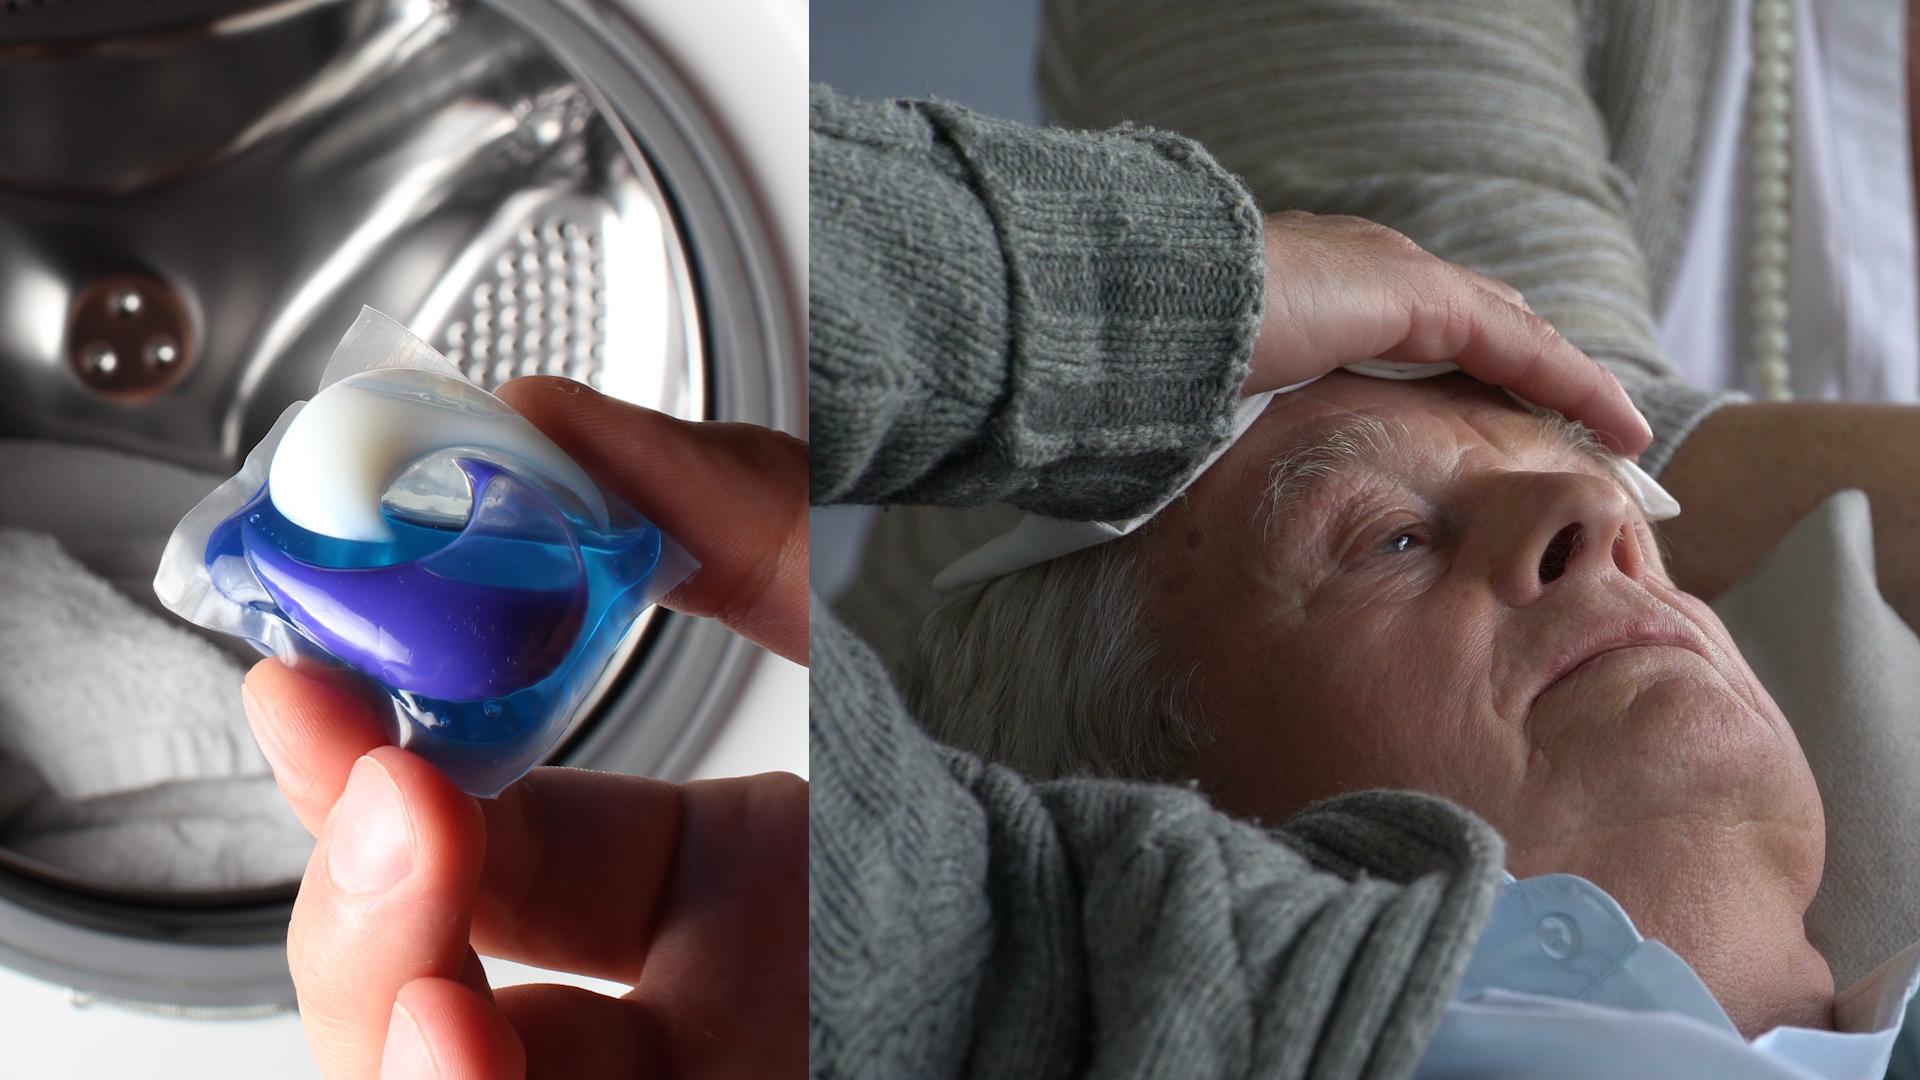 Kapsułki do prania są niebezpieczne dla dzieci i seniorów z demencją